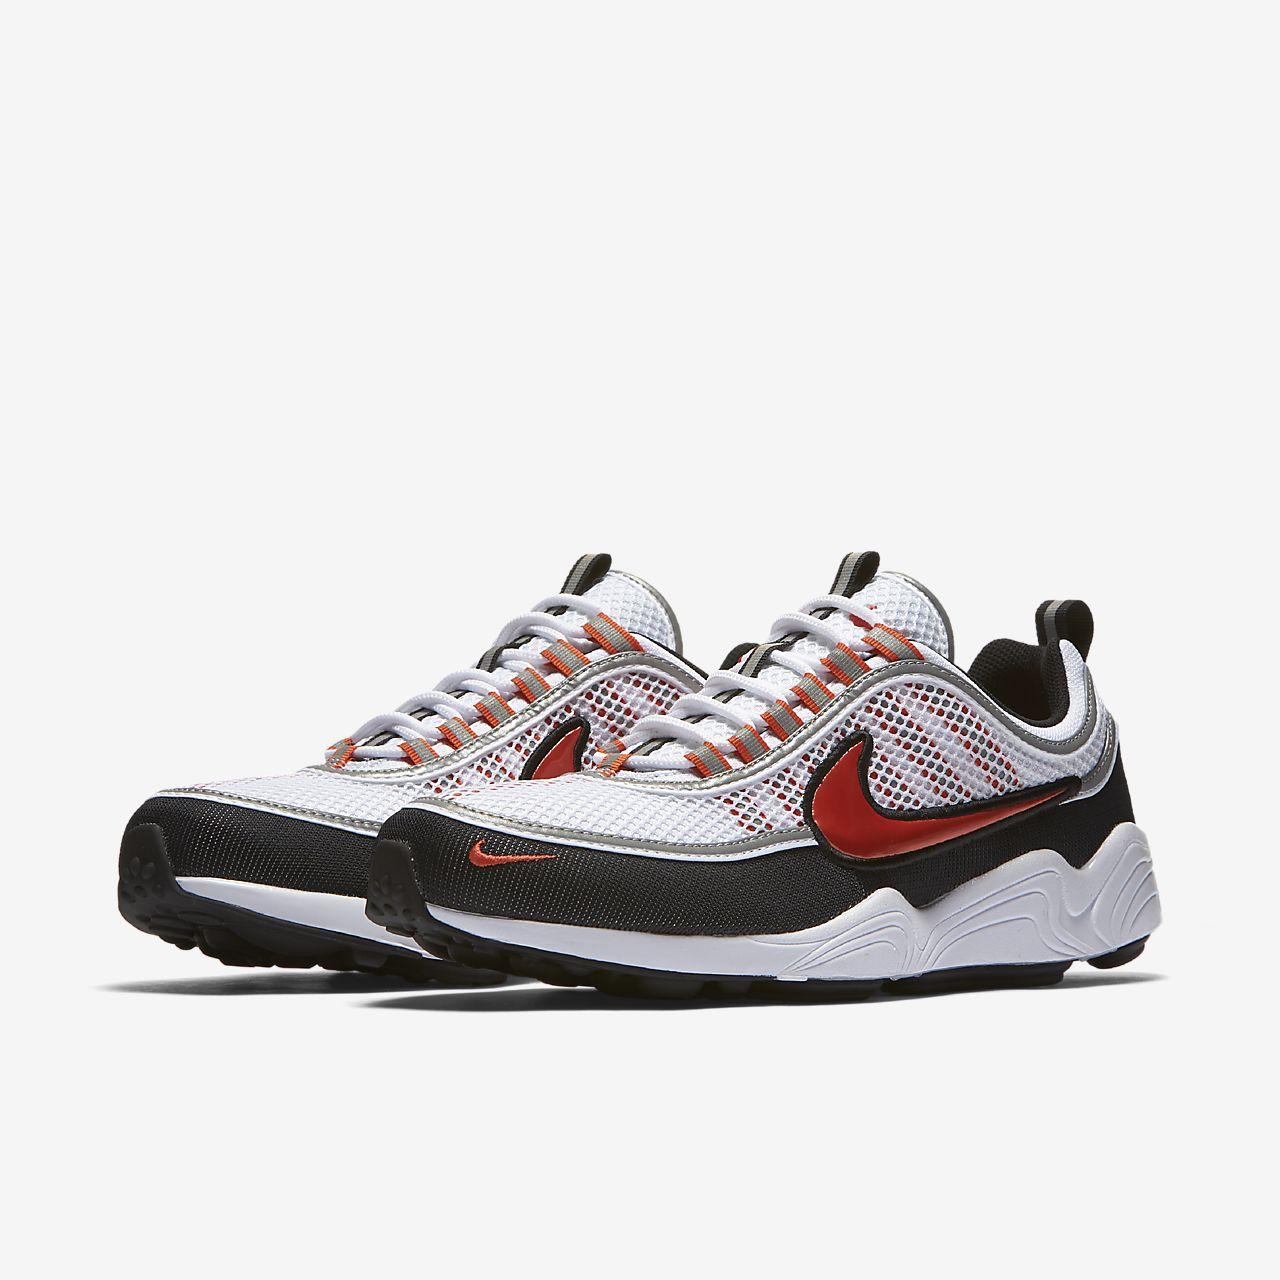 Zoom '16 Nike Shoe Spiridon Air Men's 7yfgI6vYb